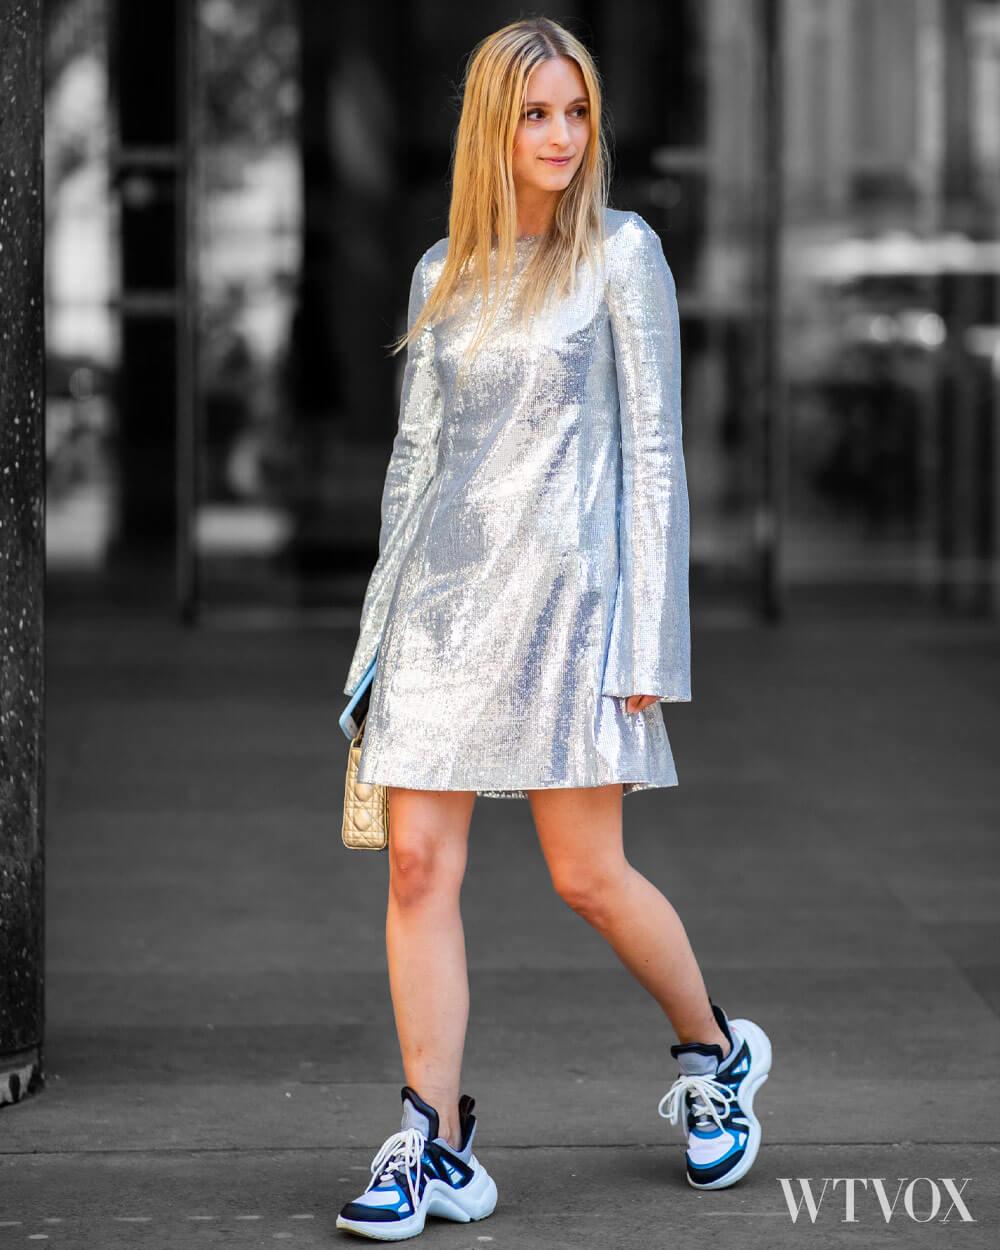 Womens Formal streetwear